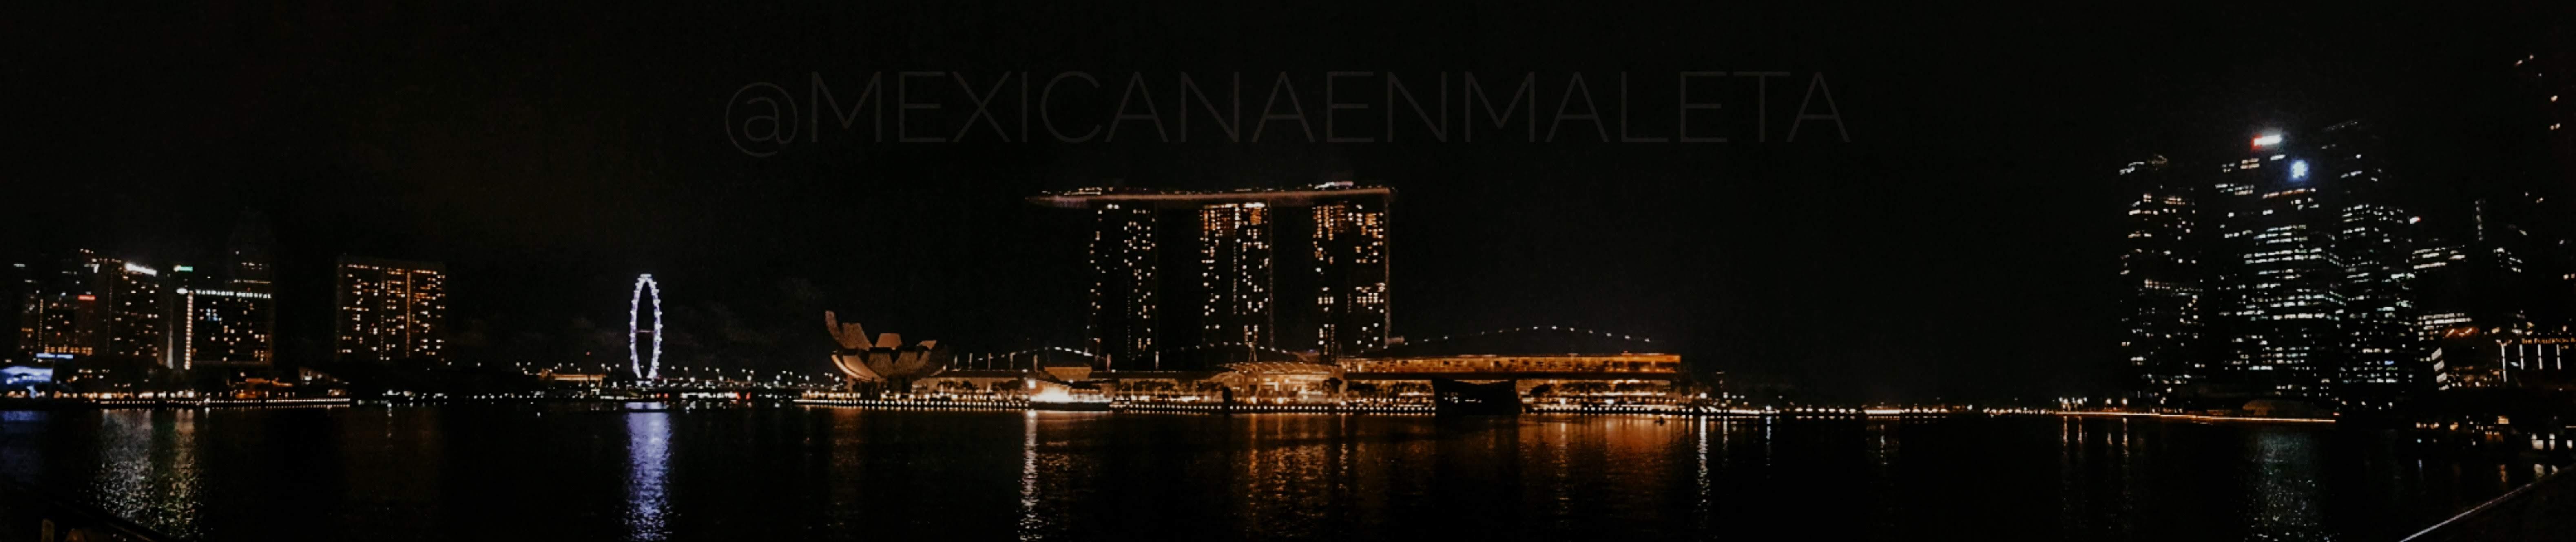 Panorámica de Marina Bay Sands, Singapur.